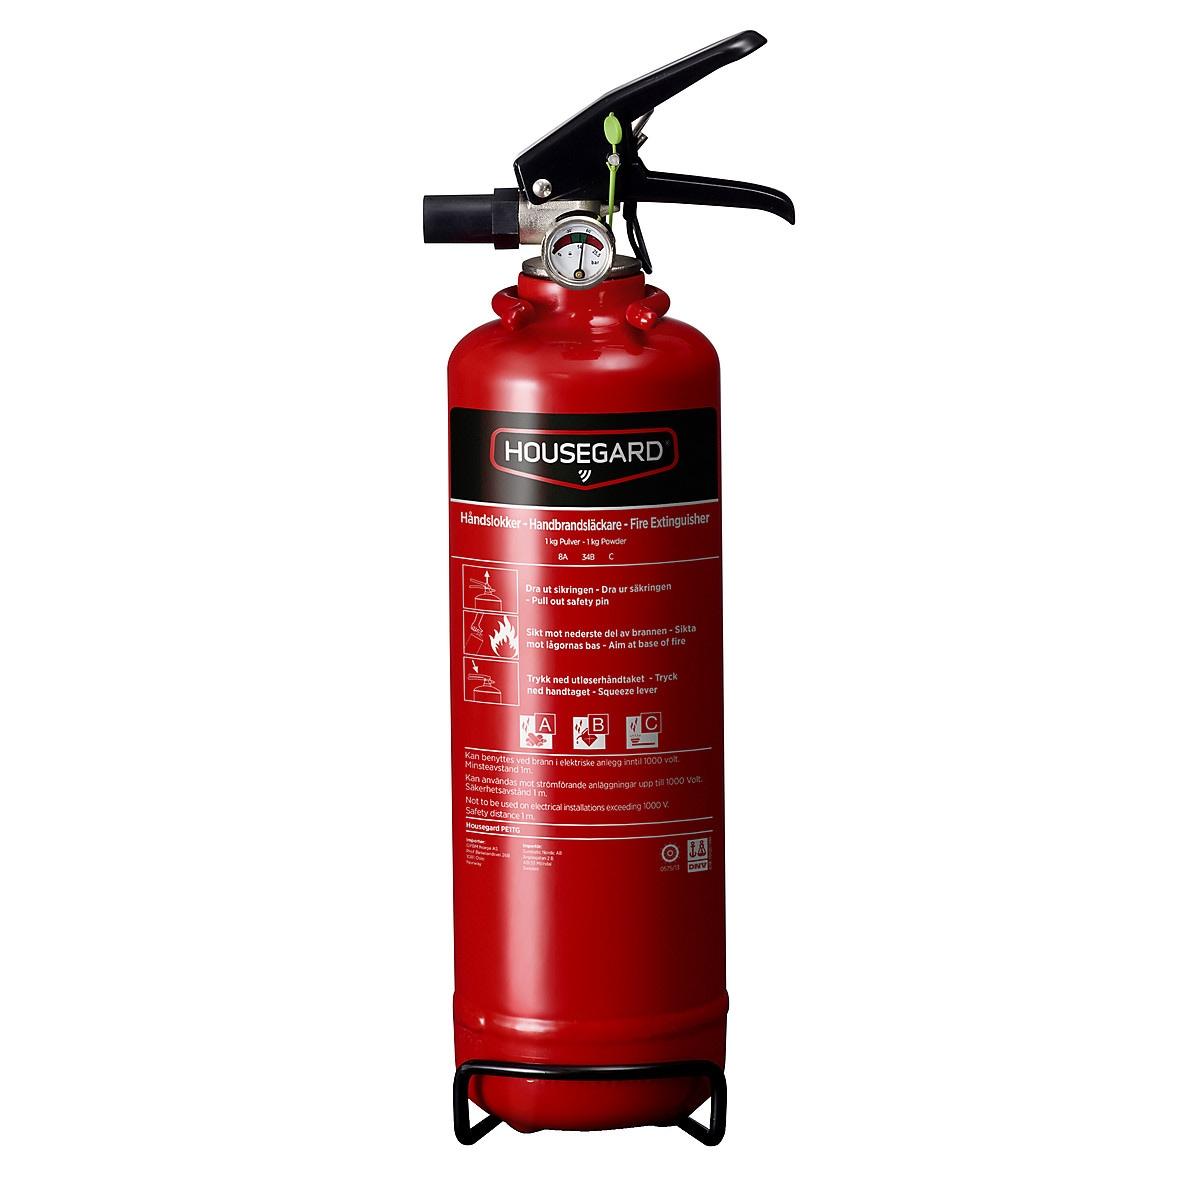 Housegard brannslukker 1 kg